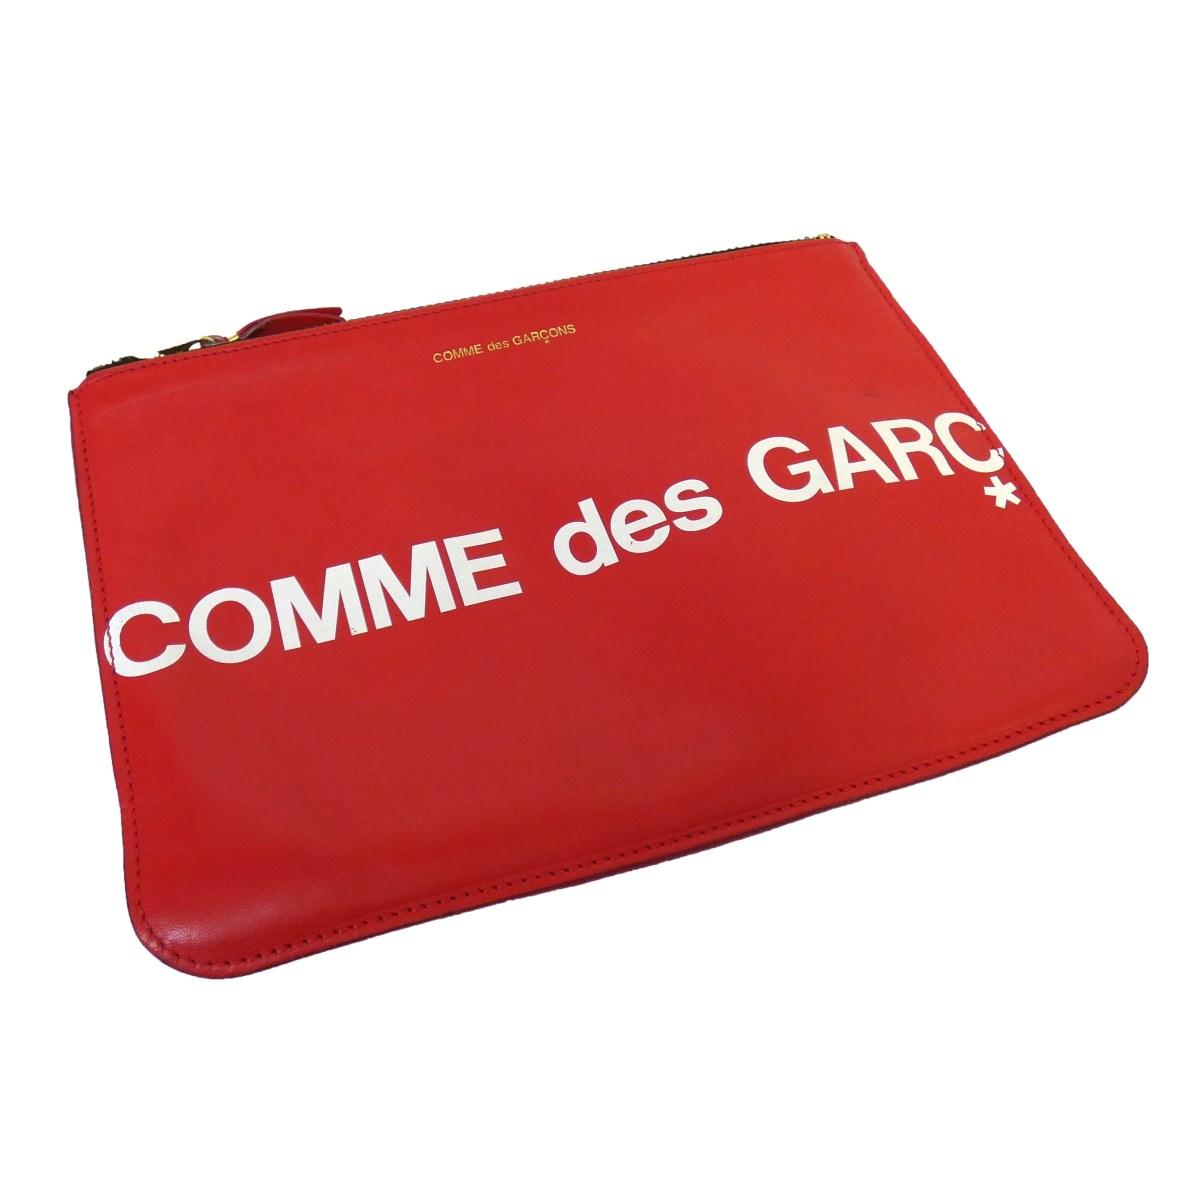 【中古】COMME des GARCONS ロゴポーチ レッド サイズ:- 【100220】(コムデギャルソン)